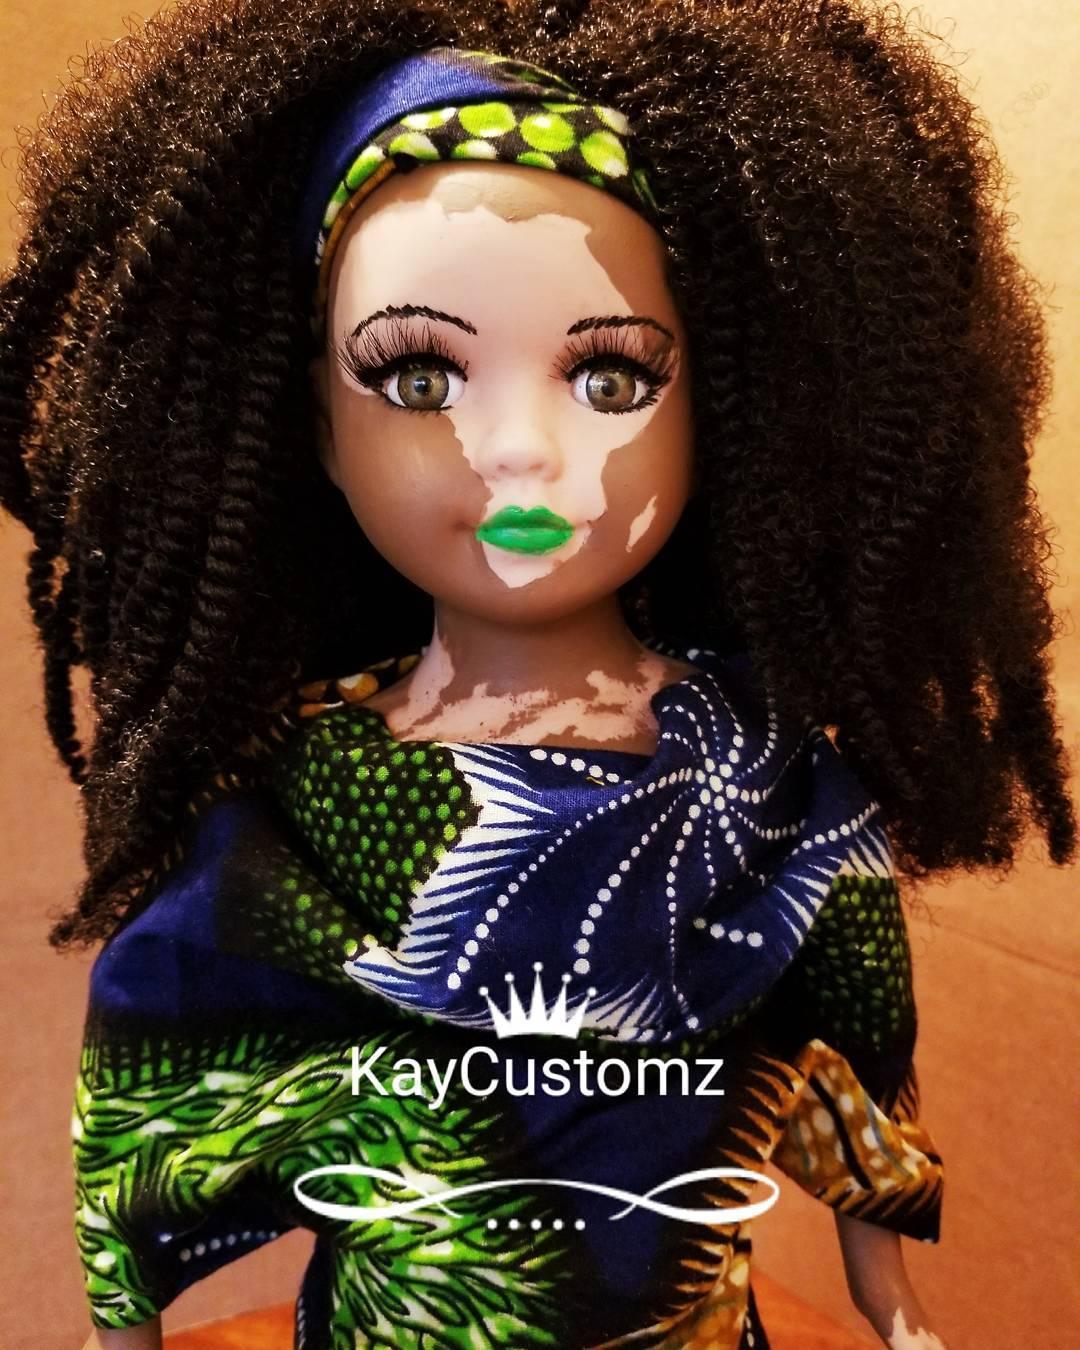 Artista americana cria bonecas com vitiligo para inclusão infantil 18